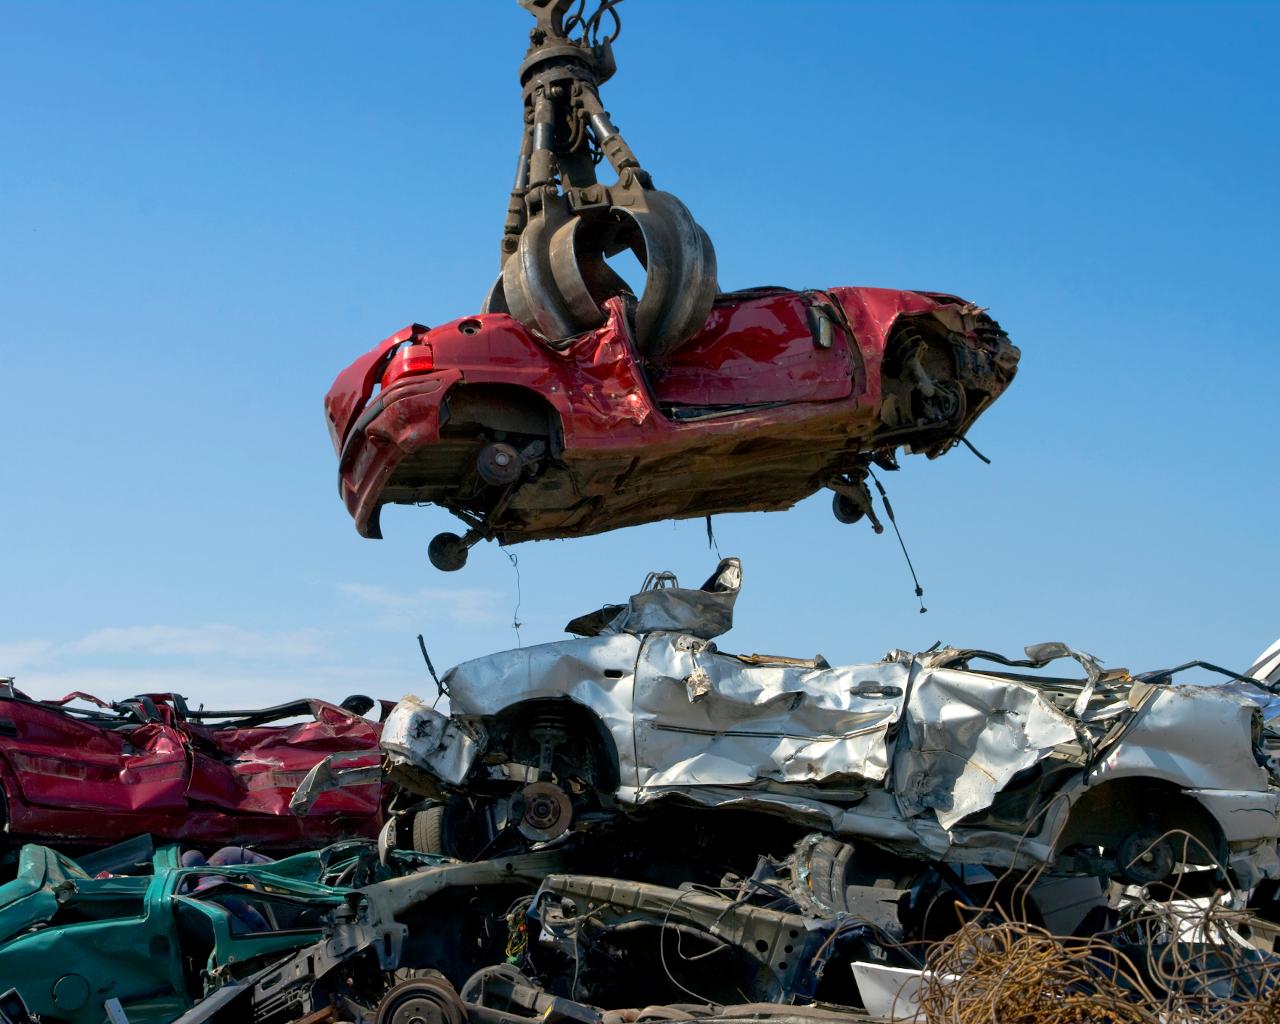 Ανακύκλωση Οχημάτων στο Τέλος του Κύκλου Ζωής τους - Aegean Recycling Εταιρεία Ανακύκλωσης & Επεξεργασίας Αποβλήτων Αστικού & Βιομηχανικού Τύπου